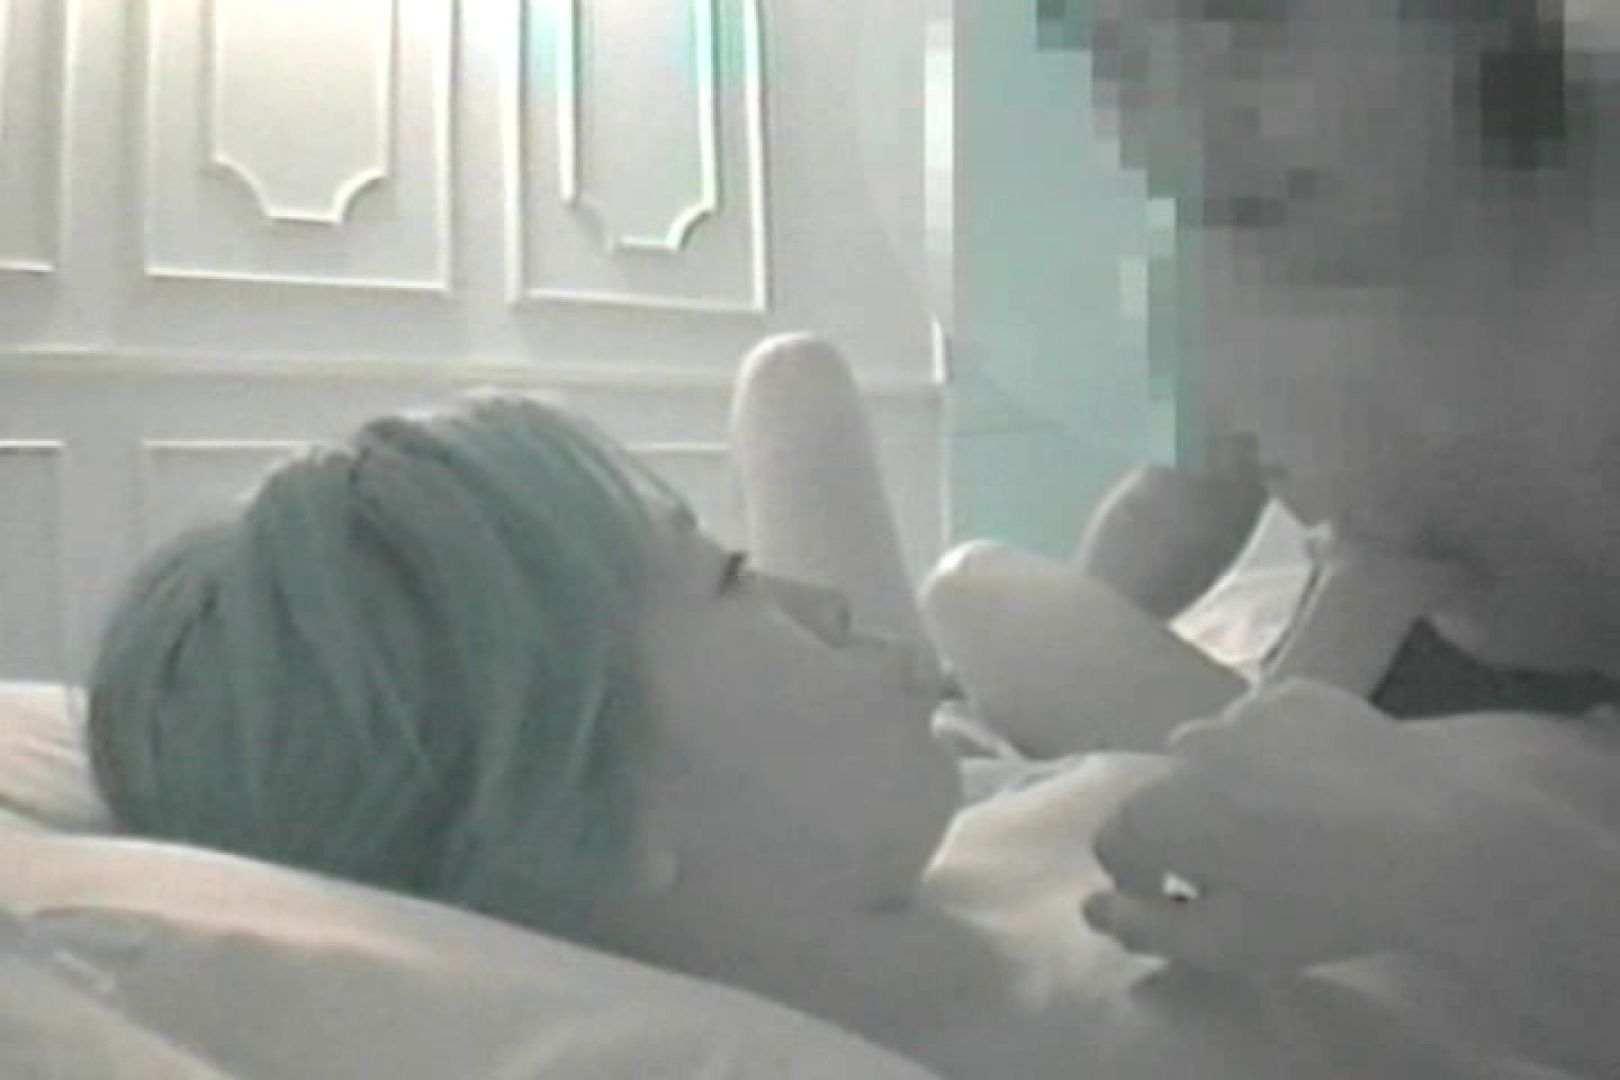 素人嬢をホテルに連れ込みアンナ事・コンナ事!?Vol.2 美女 盗撮オマンコ無修正動画無料 61pic 3